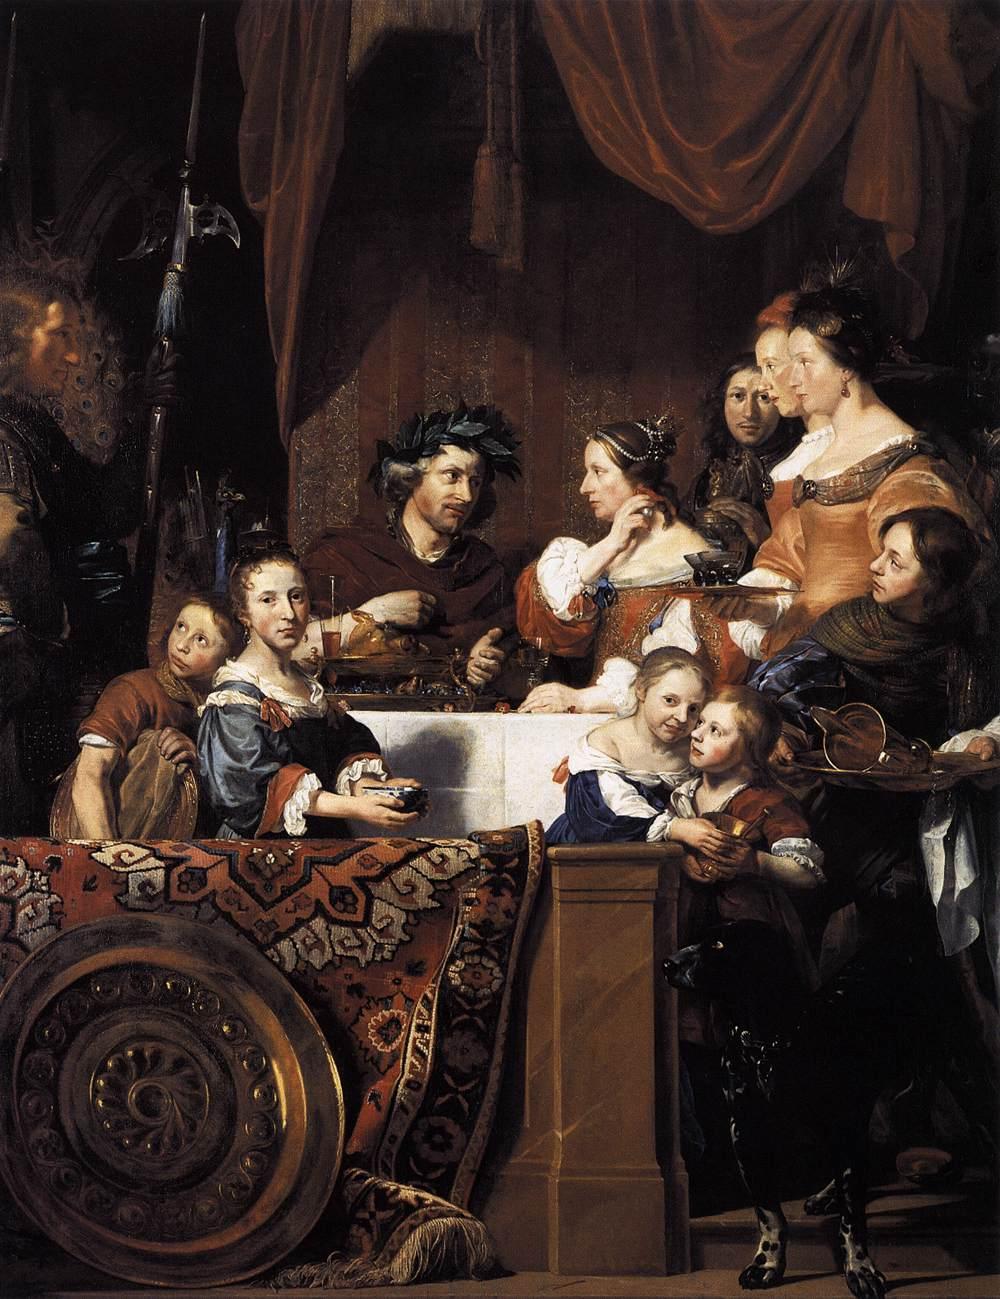 file jan de bray the de bray family the banquet of antony and file jan de bray the de bray family the banquet of antony and